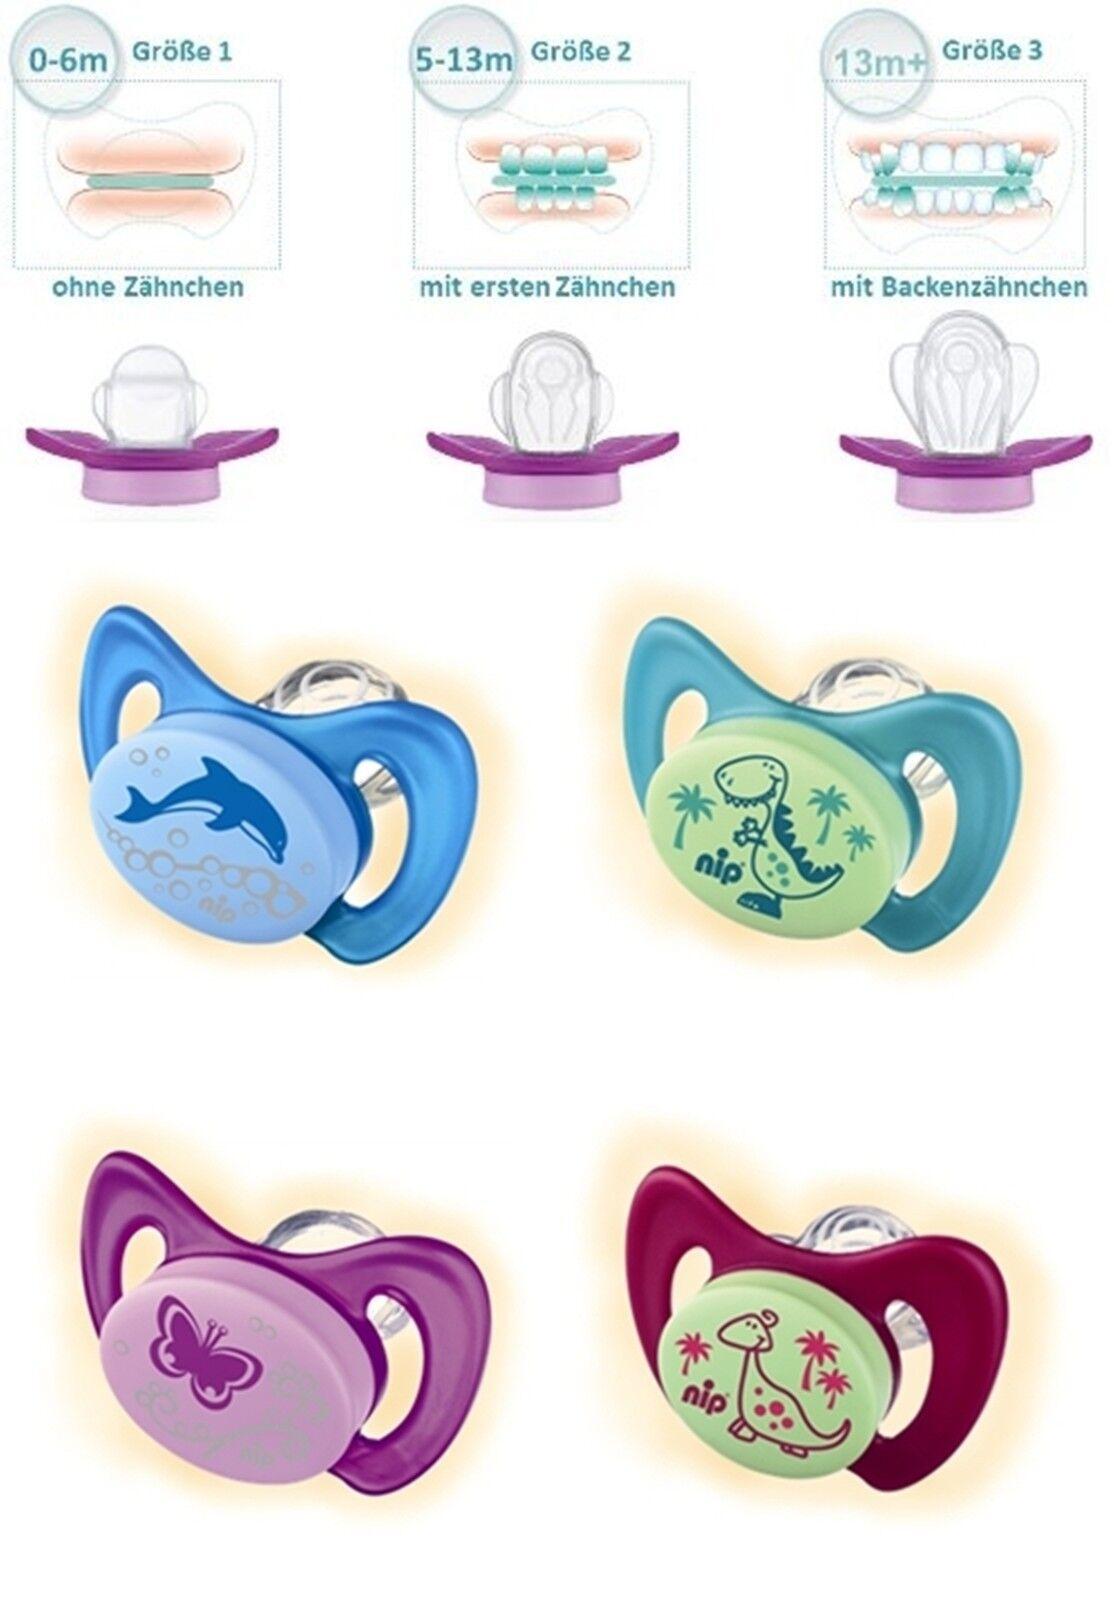 nip Dental Schnuller Miss Denti Größe 2 - 5-13 Monate mit ersten Zähnen *NEU*